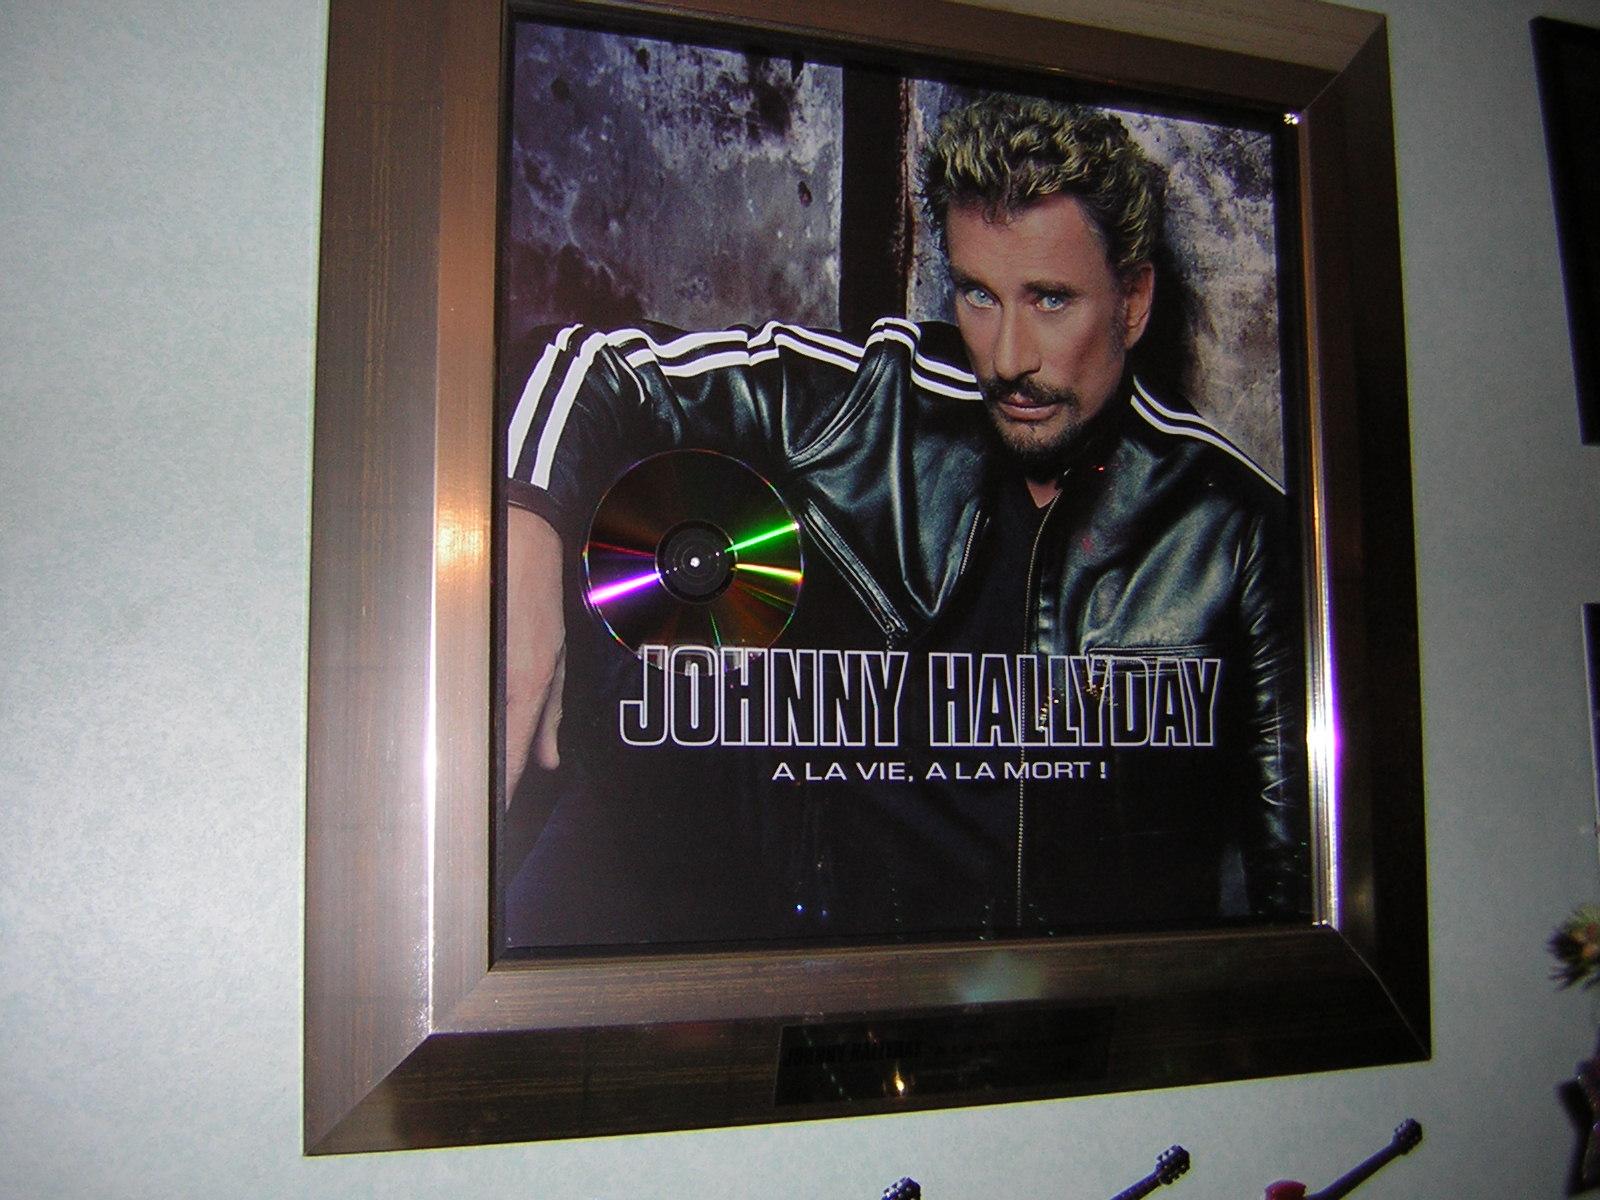 Le boulevard du rock johnny hallyday superbes disques for Astrologie ou le miroir de la vie